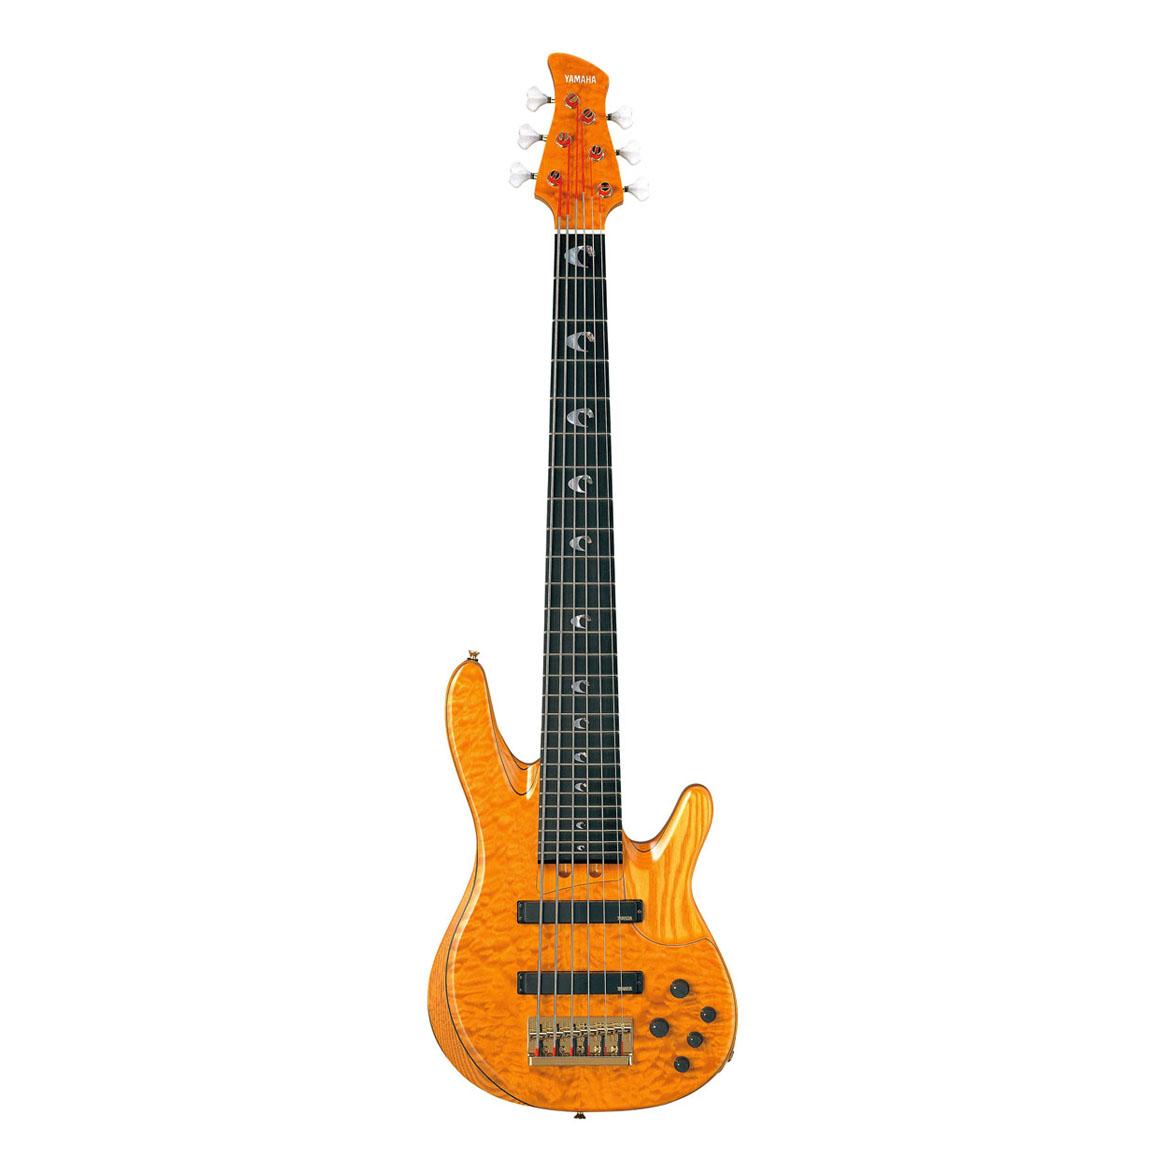 Yamaha TRBJP 2 6 Strings Electric Bass Guitar